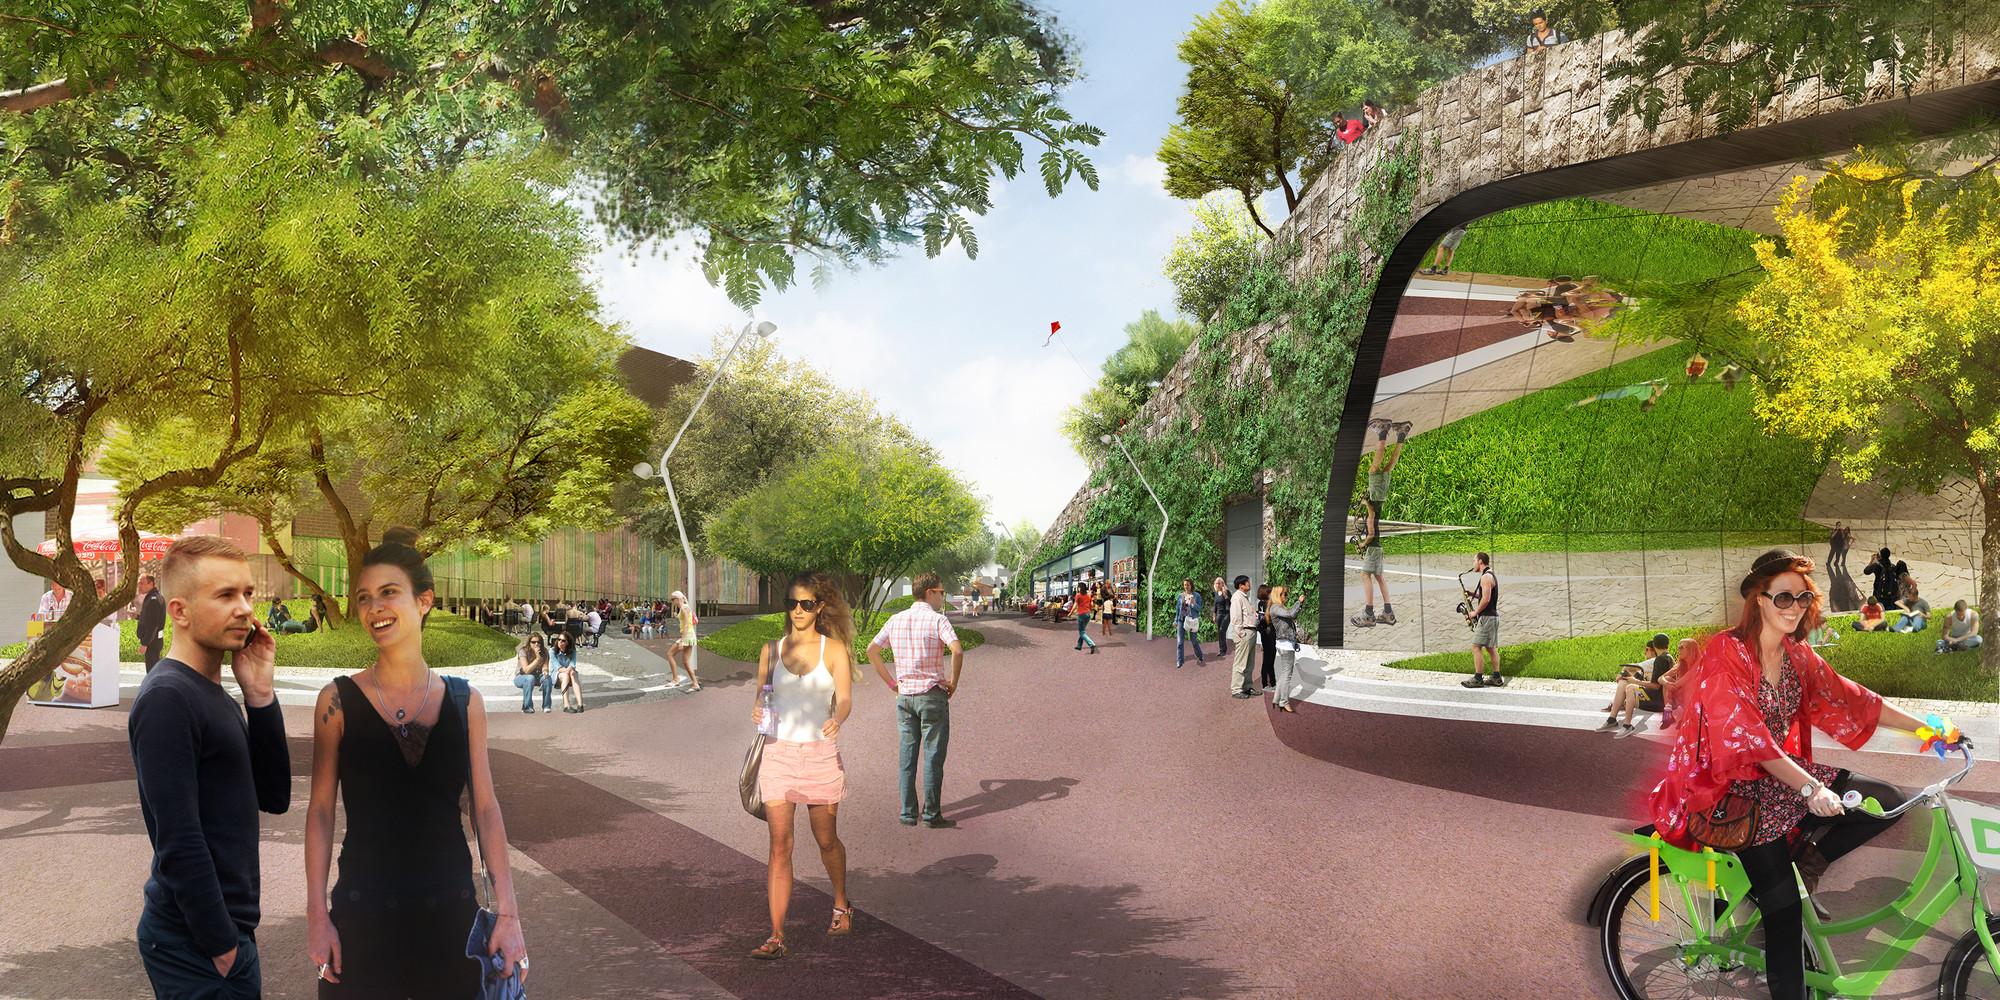 Entrance Plaza. Image © !melk